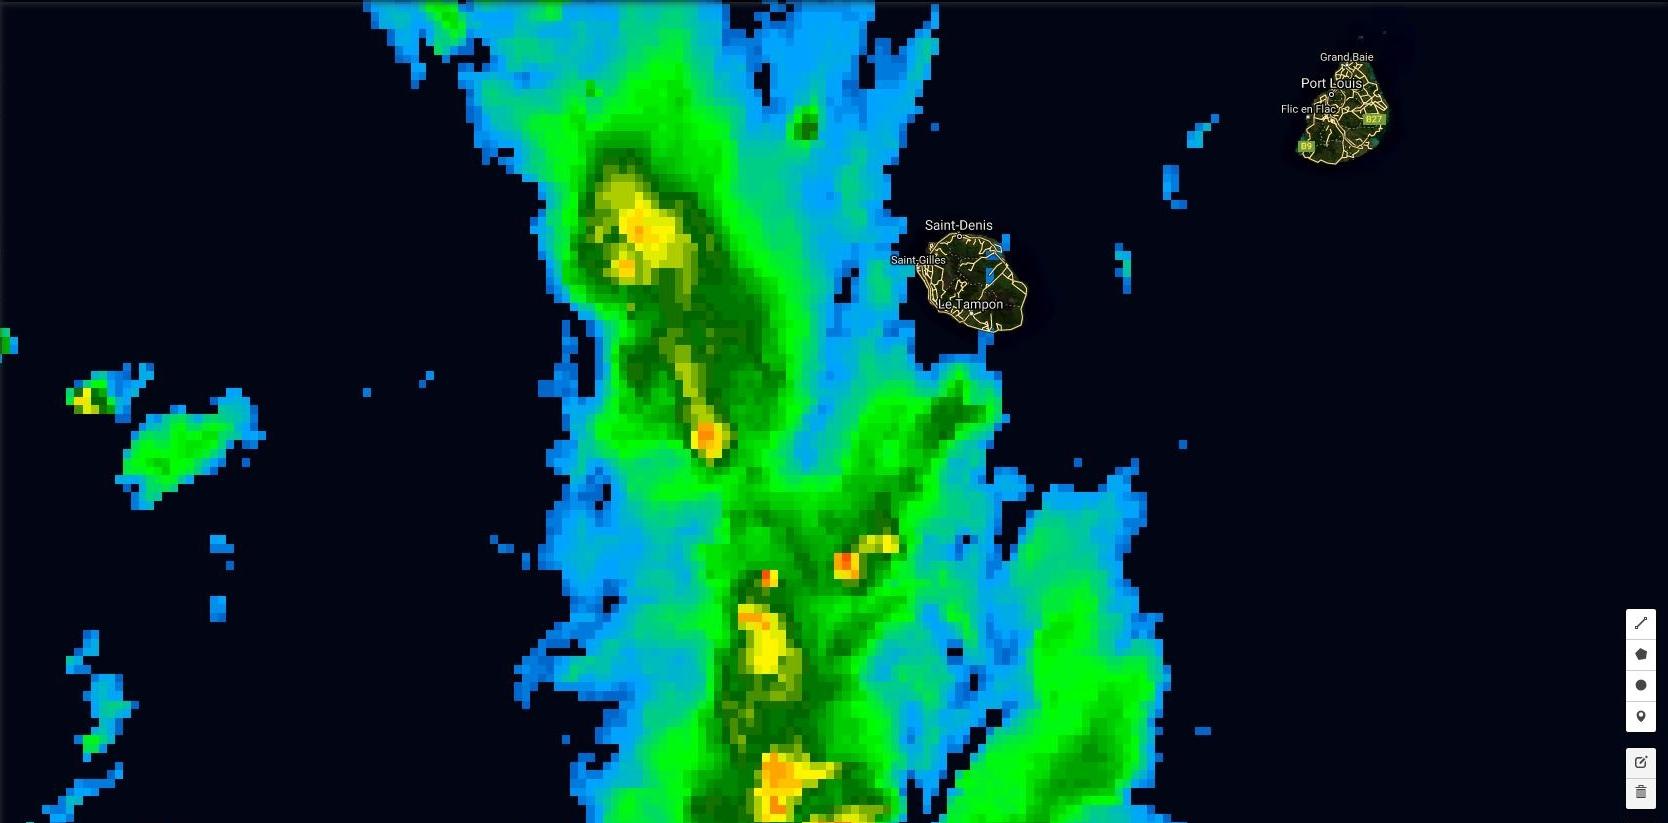 18h: les nuages actifs circulent en mer à moins de 80km à l'ouest de la Réunion. En bordure de cette zone d'activité les vents de nord est devraient diriger des entrées maritimes sur l'est et le nord de la Réunion la nuit prochaine.